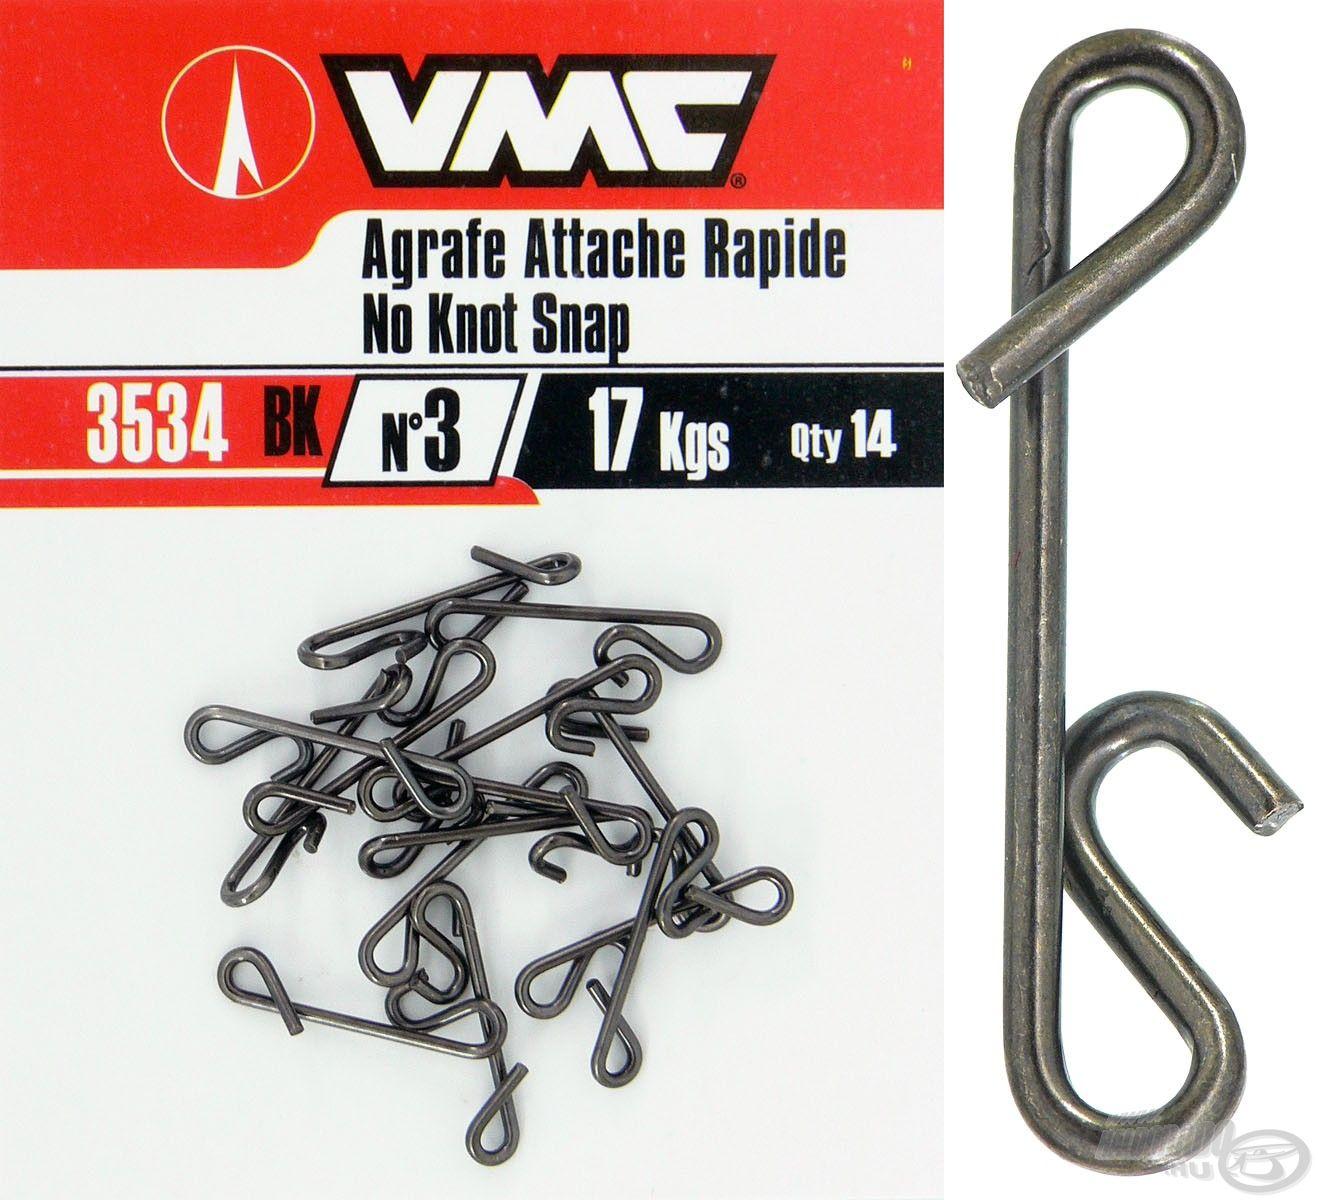 Ez a not-a-knot kapocs egy klasszikus kivitelű, egyszerű, ám rendkívül erős típus!